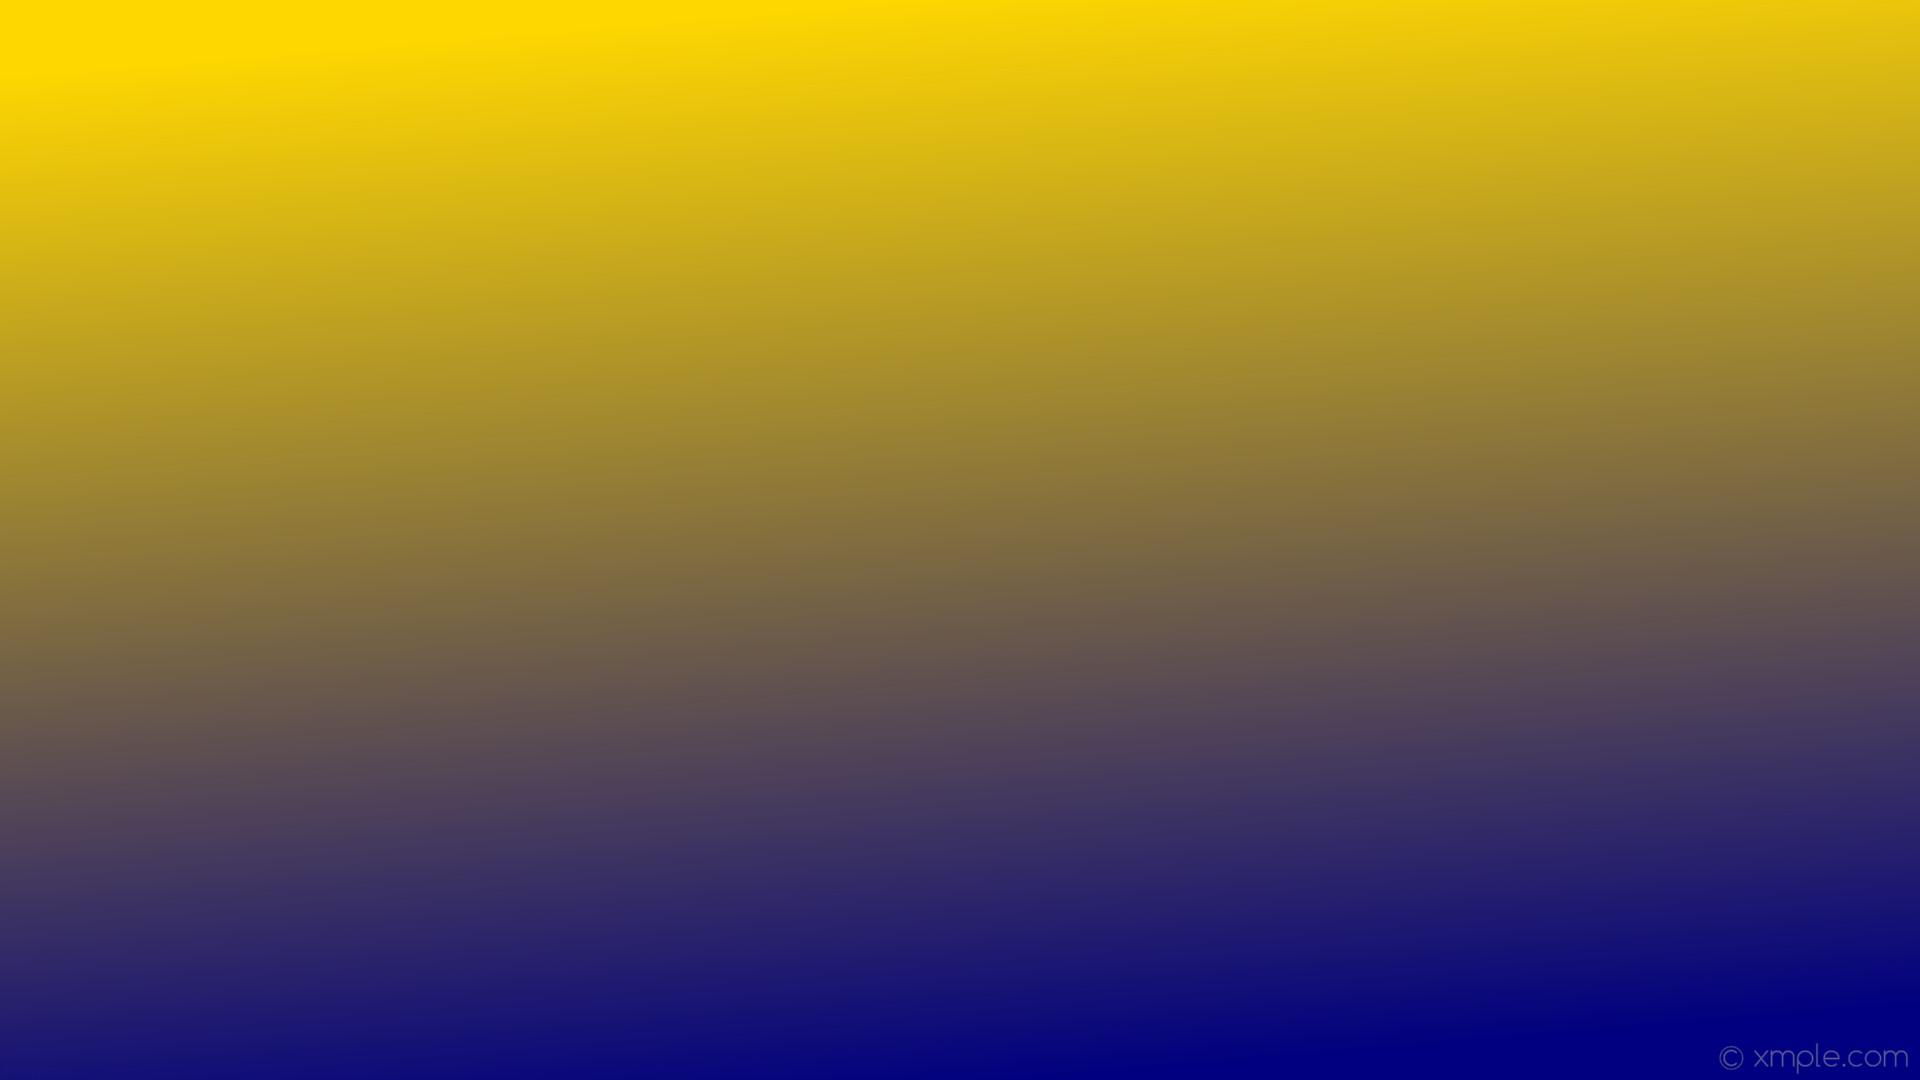 wallpaper linear gradient yellow blue gold navy #ffd700 #000080 105°